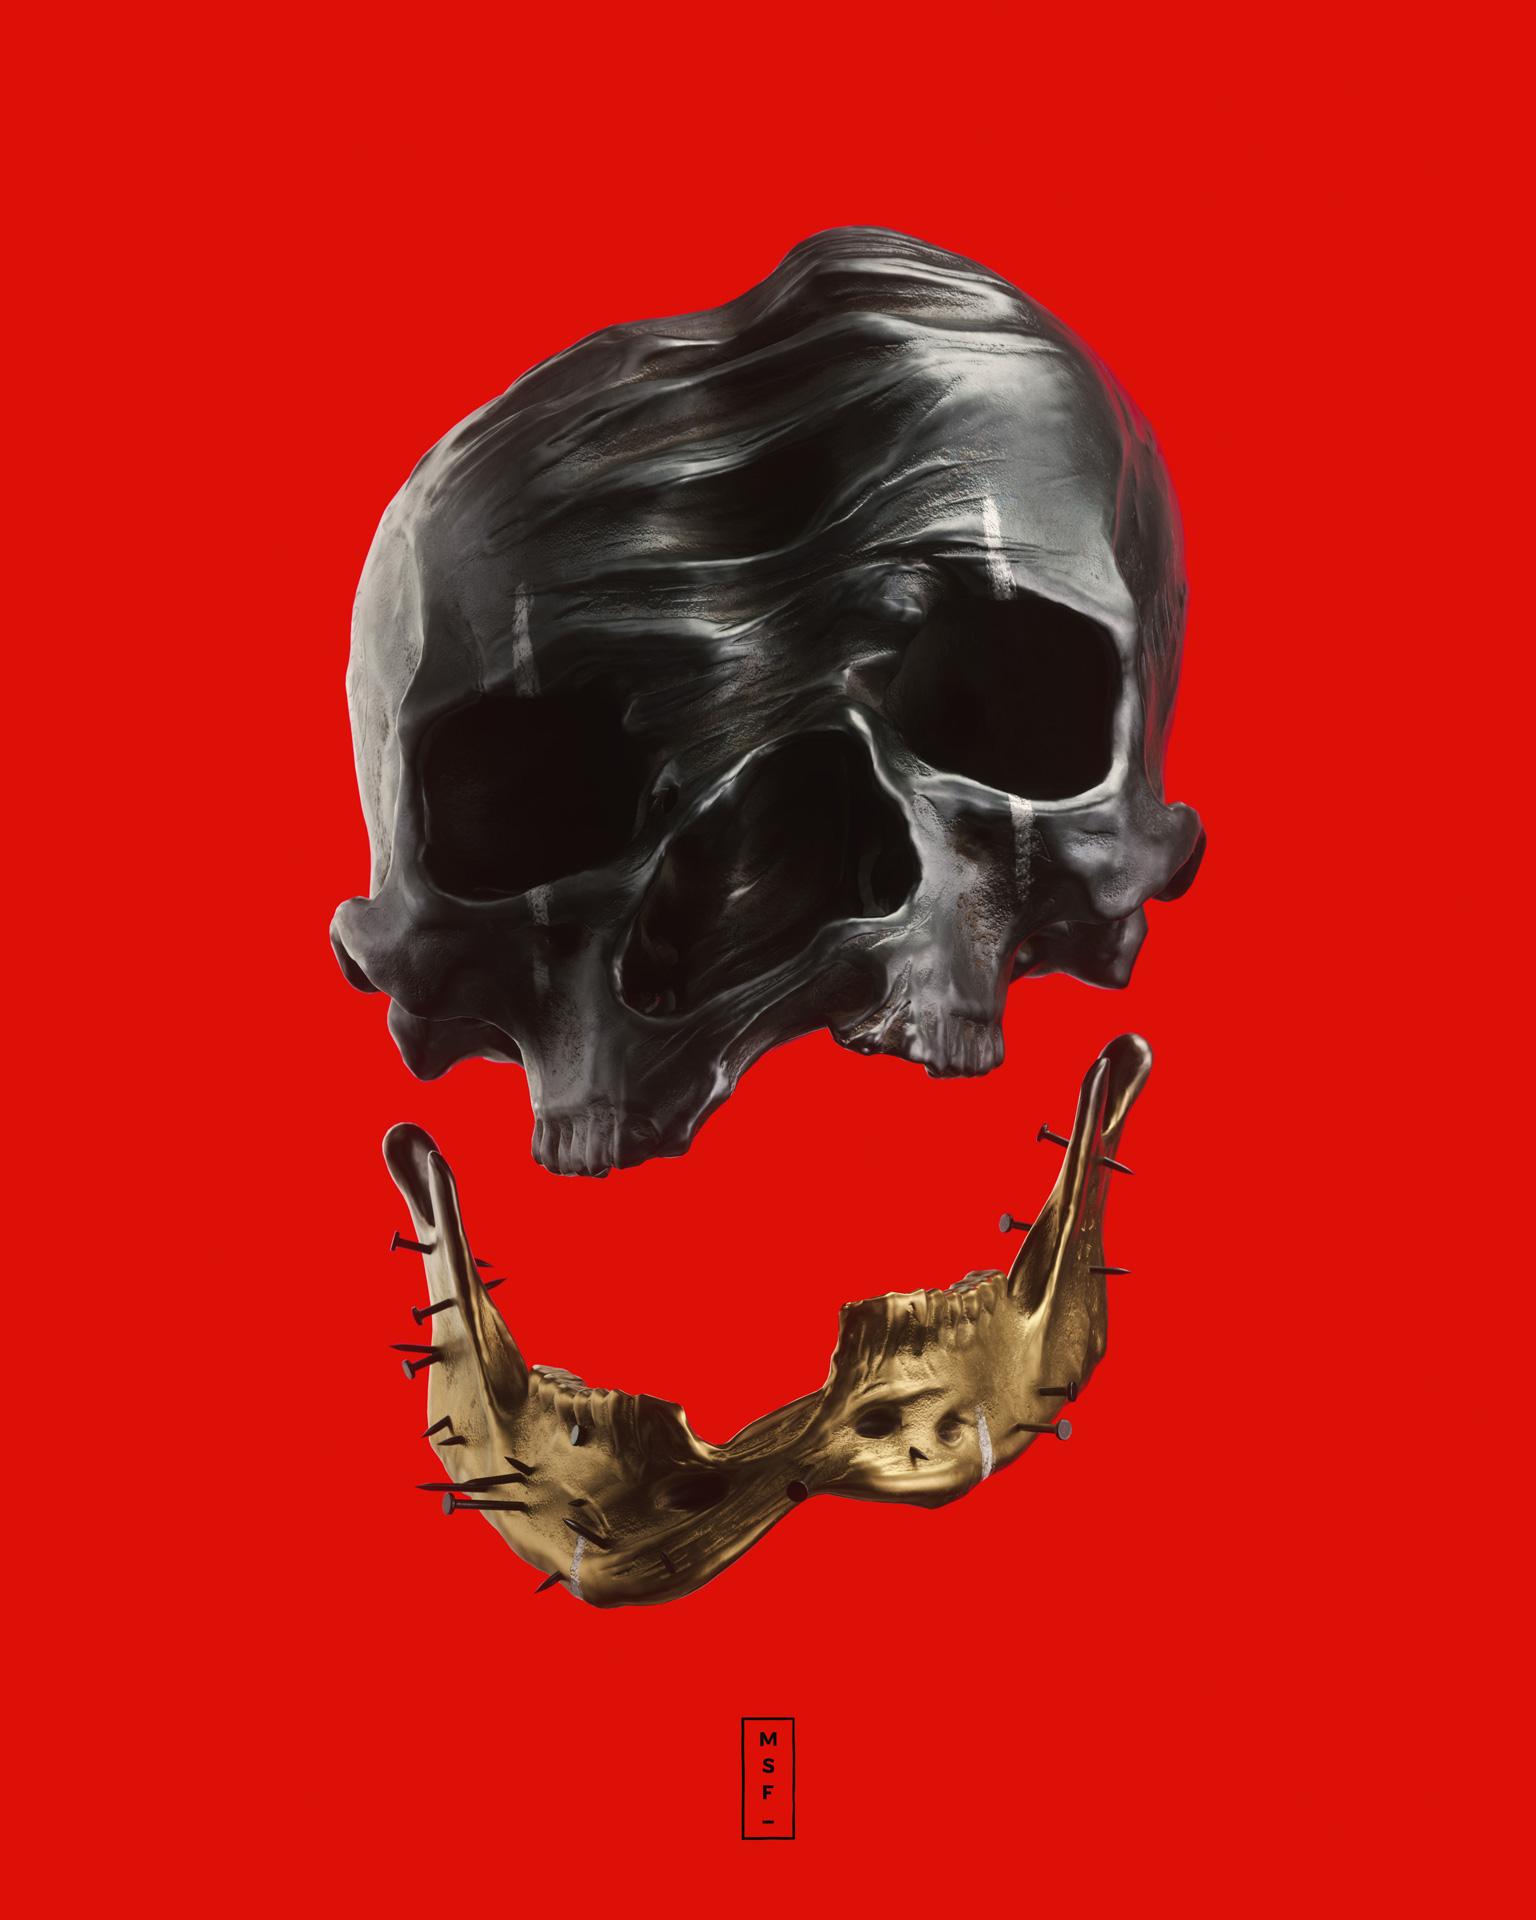 Discidium_2K_Red_Poster